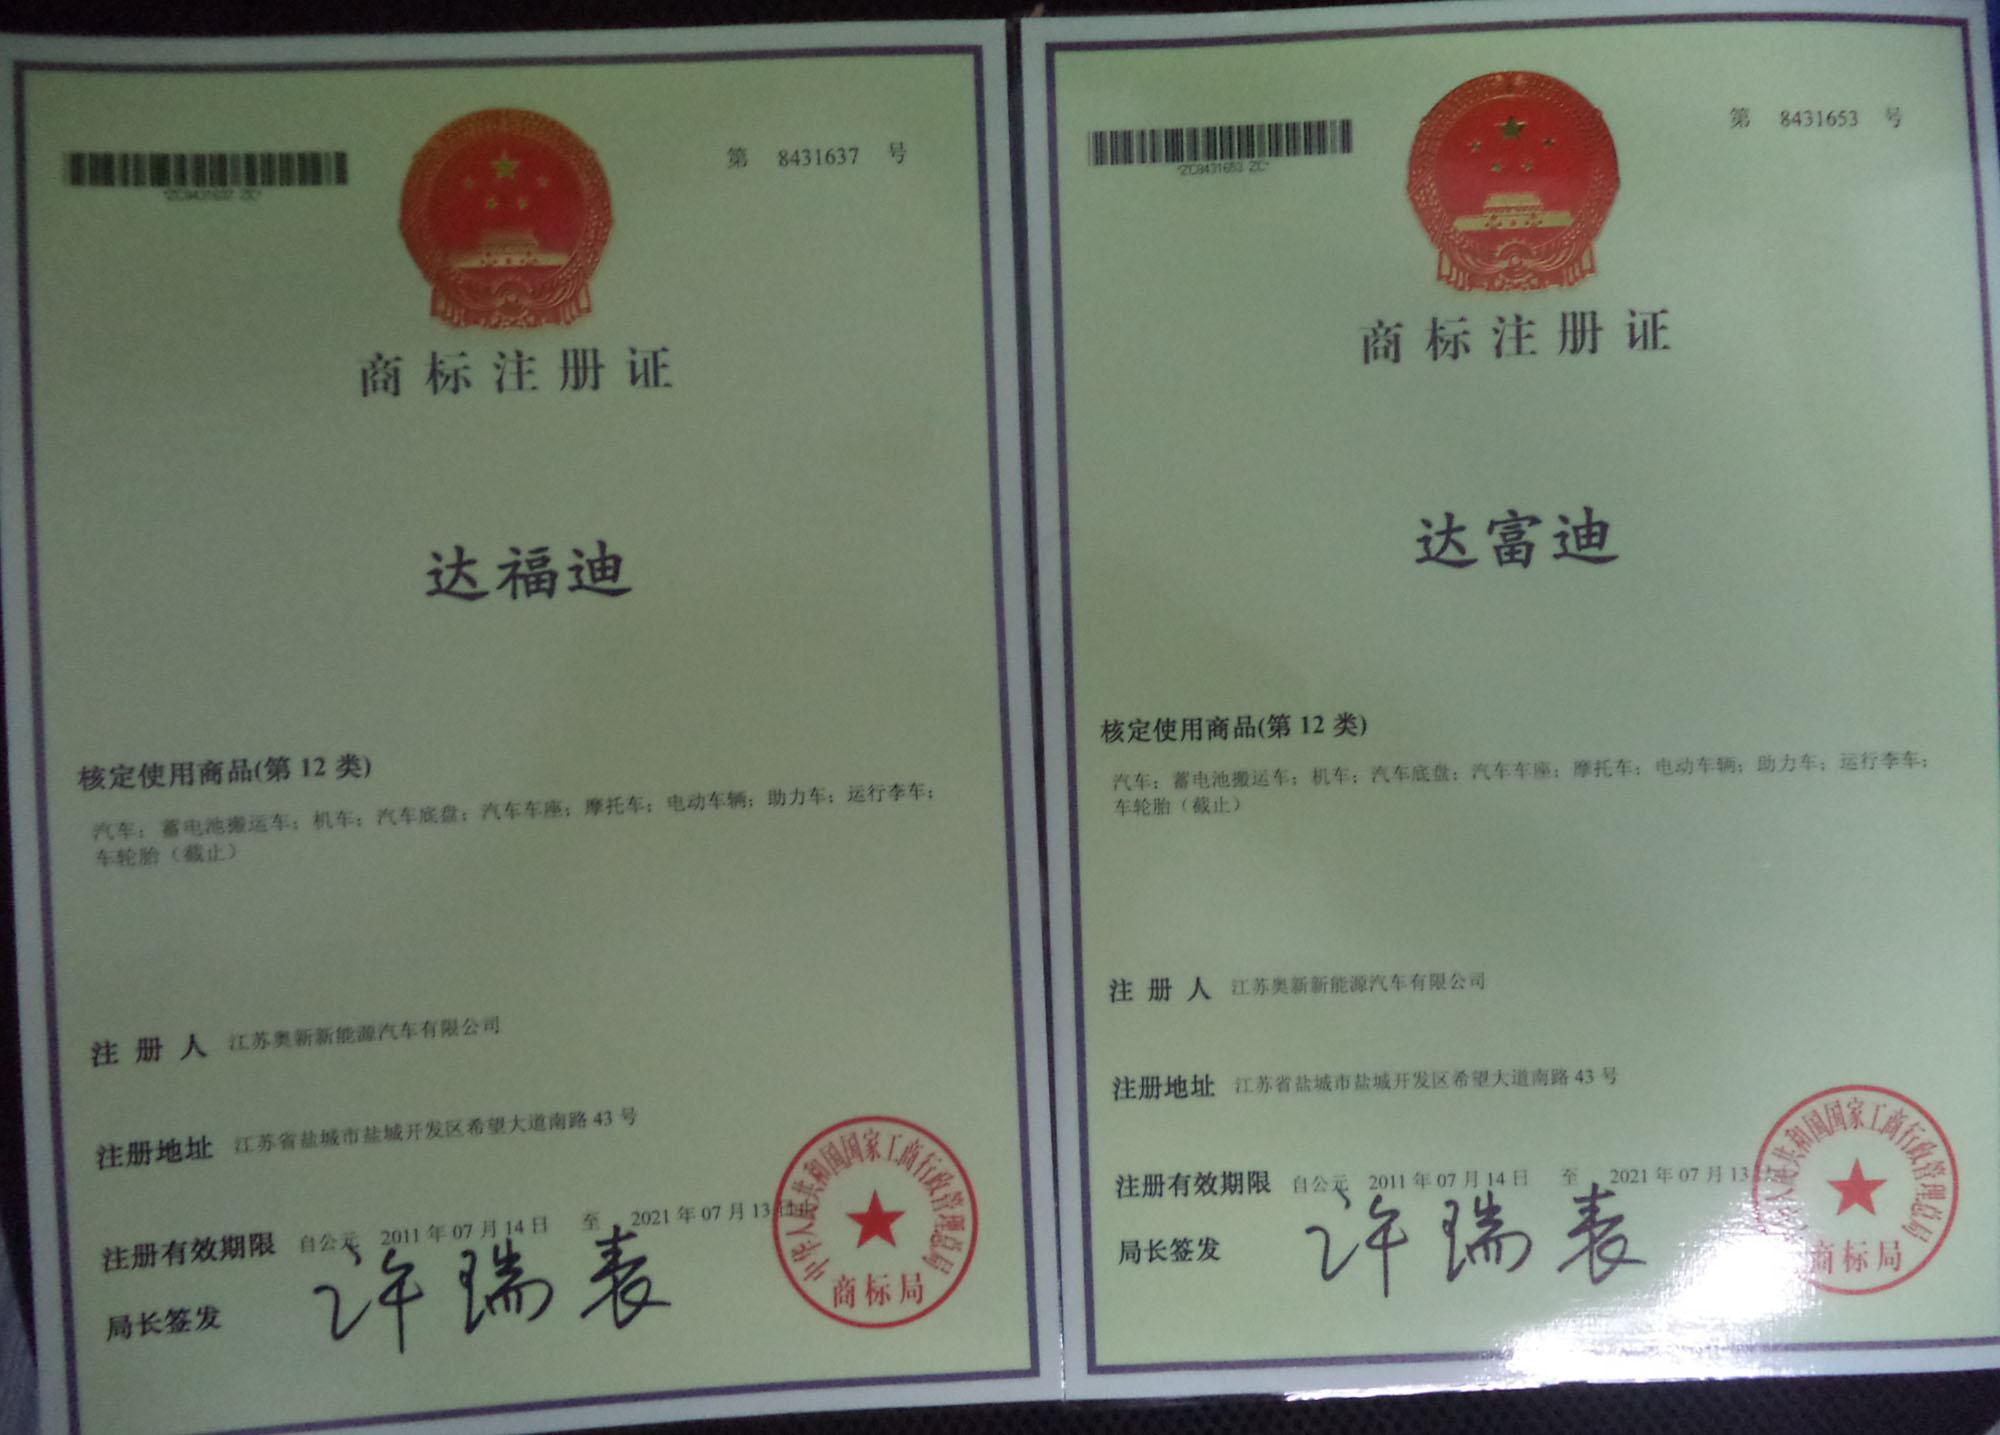 Trademark Registeration Dafudi